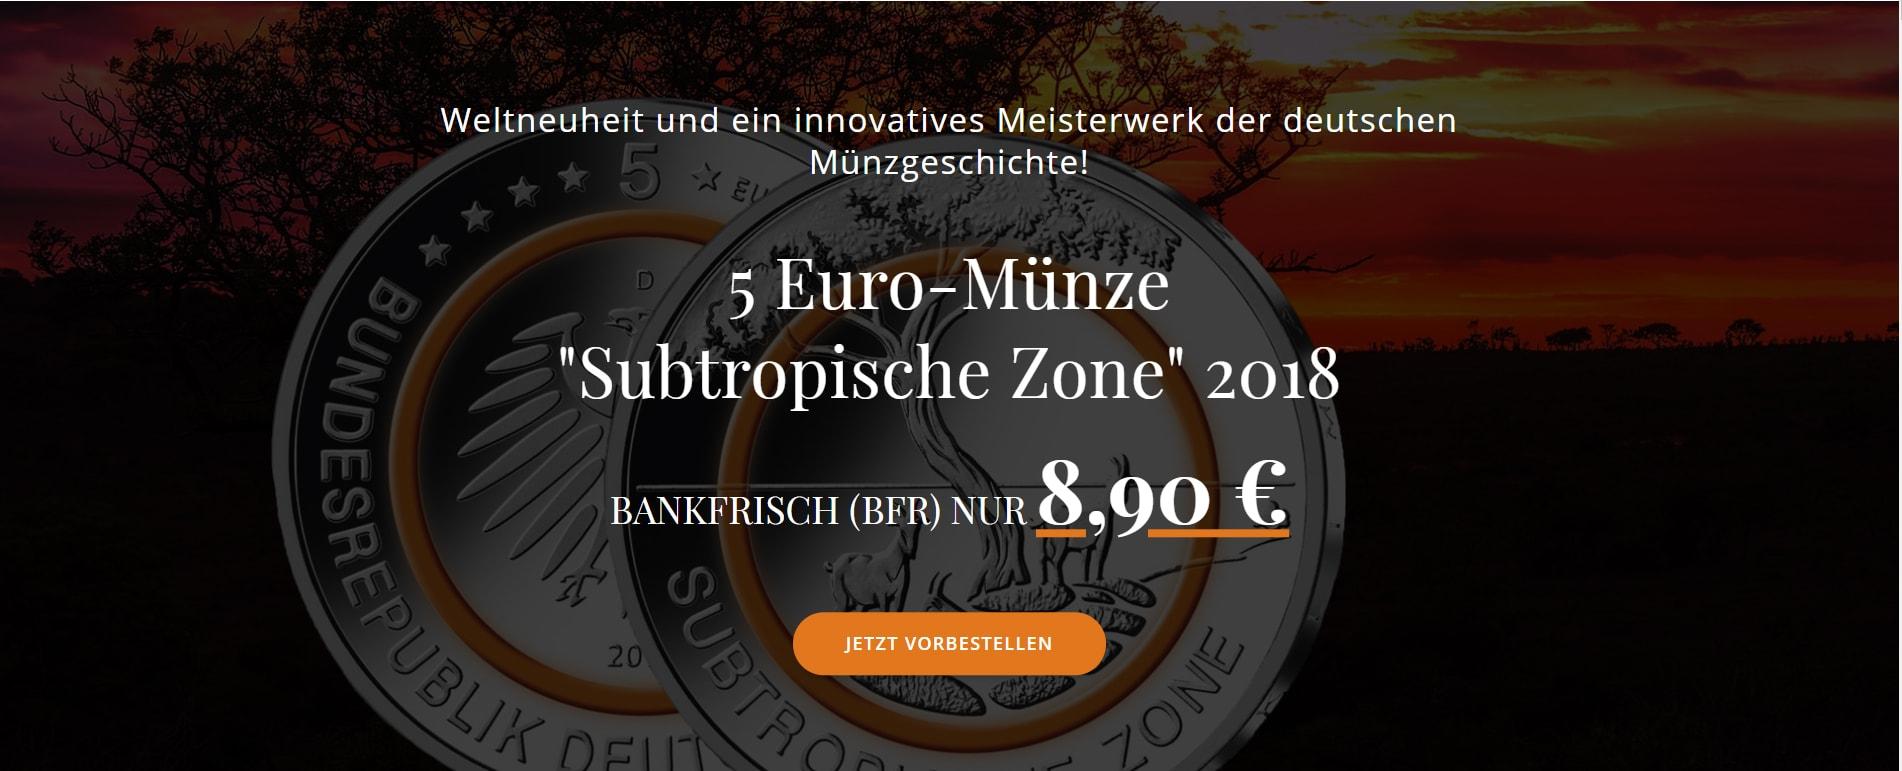 5 Euro Subtropische Zone 2018 Vorbestellen Min Waigand Sammlerwelt